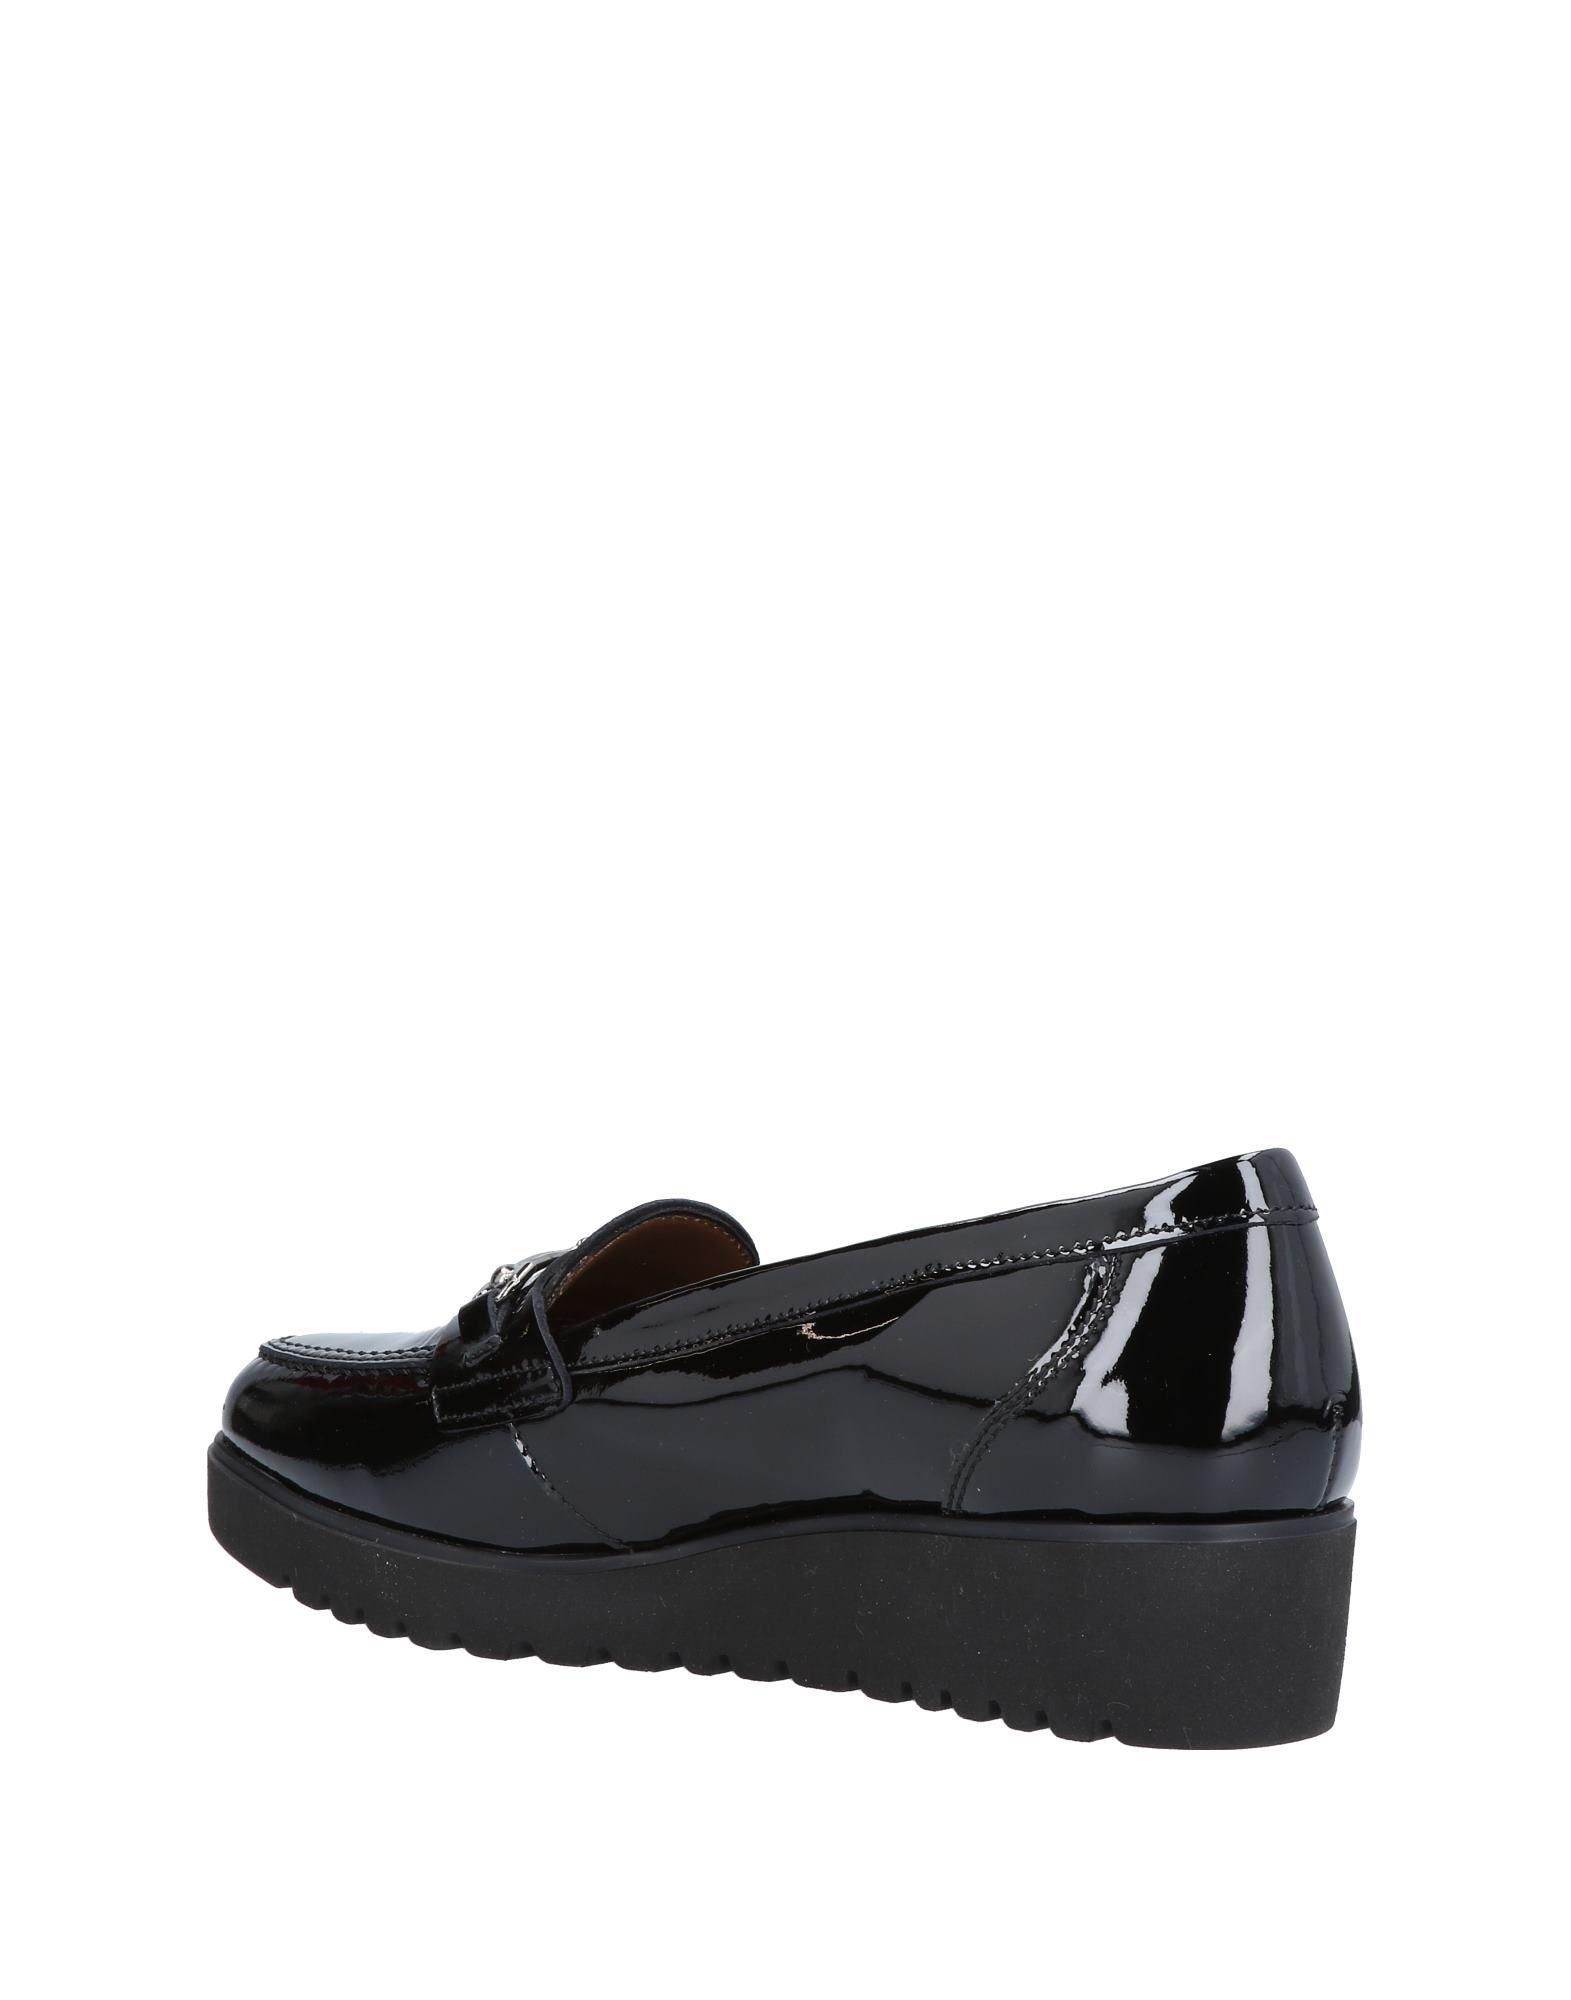 Maritan G Mokassins Damen  Schuhe 11481383VT Gute Qualität beliebte Schuhe  1bfc94